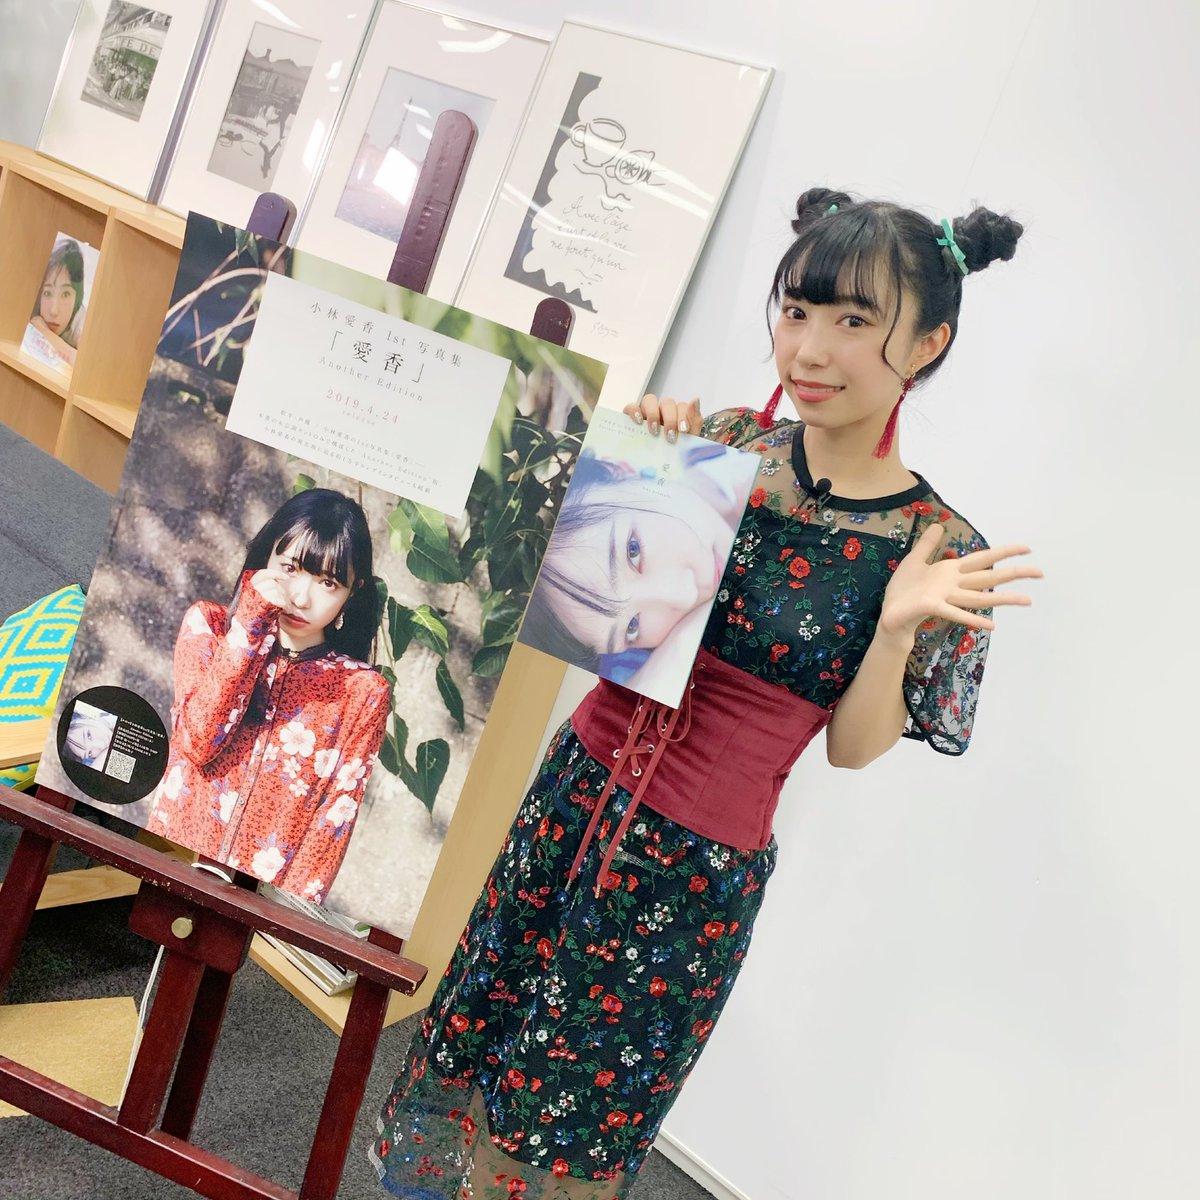 #小林愛香 さん#愛香AE生配信ご視聴ありがとうございました🙇🏻♀️写真集&グッズともに今後もよろしくお願いします‼️💙アニメイト 💛ゲーマーズ 💚紀伊國屋書店 💜Amazon